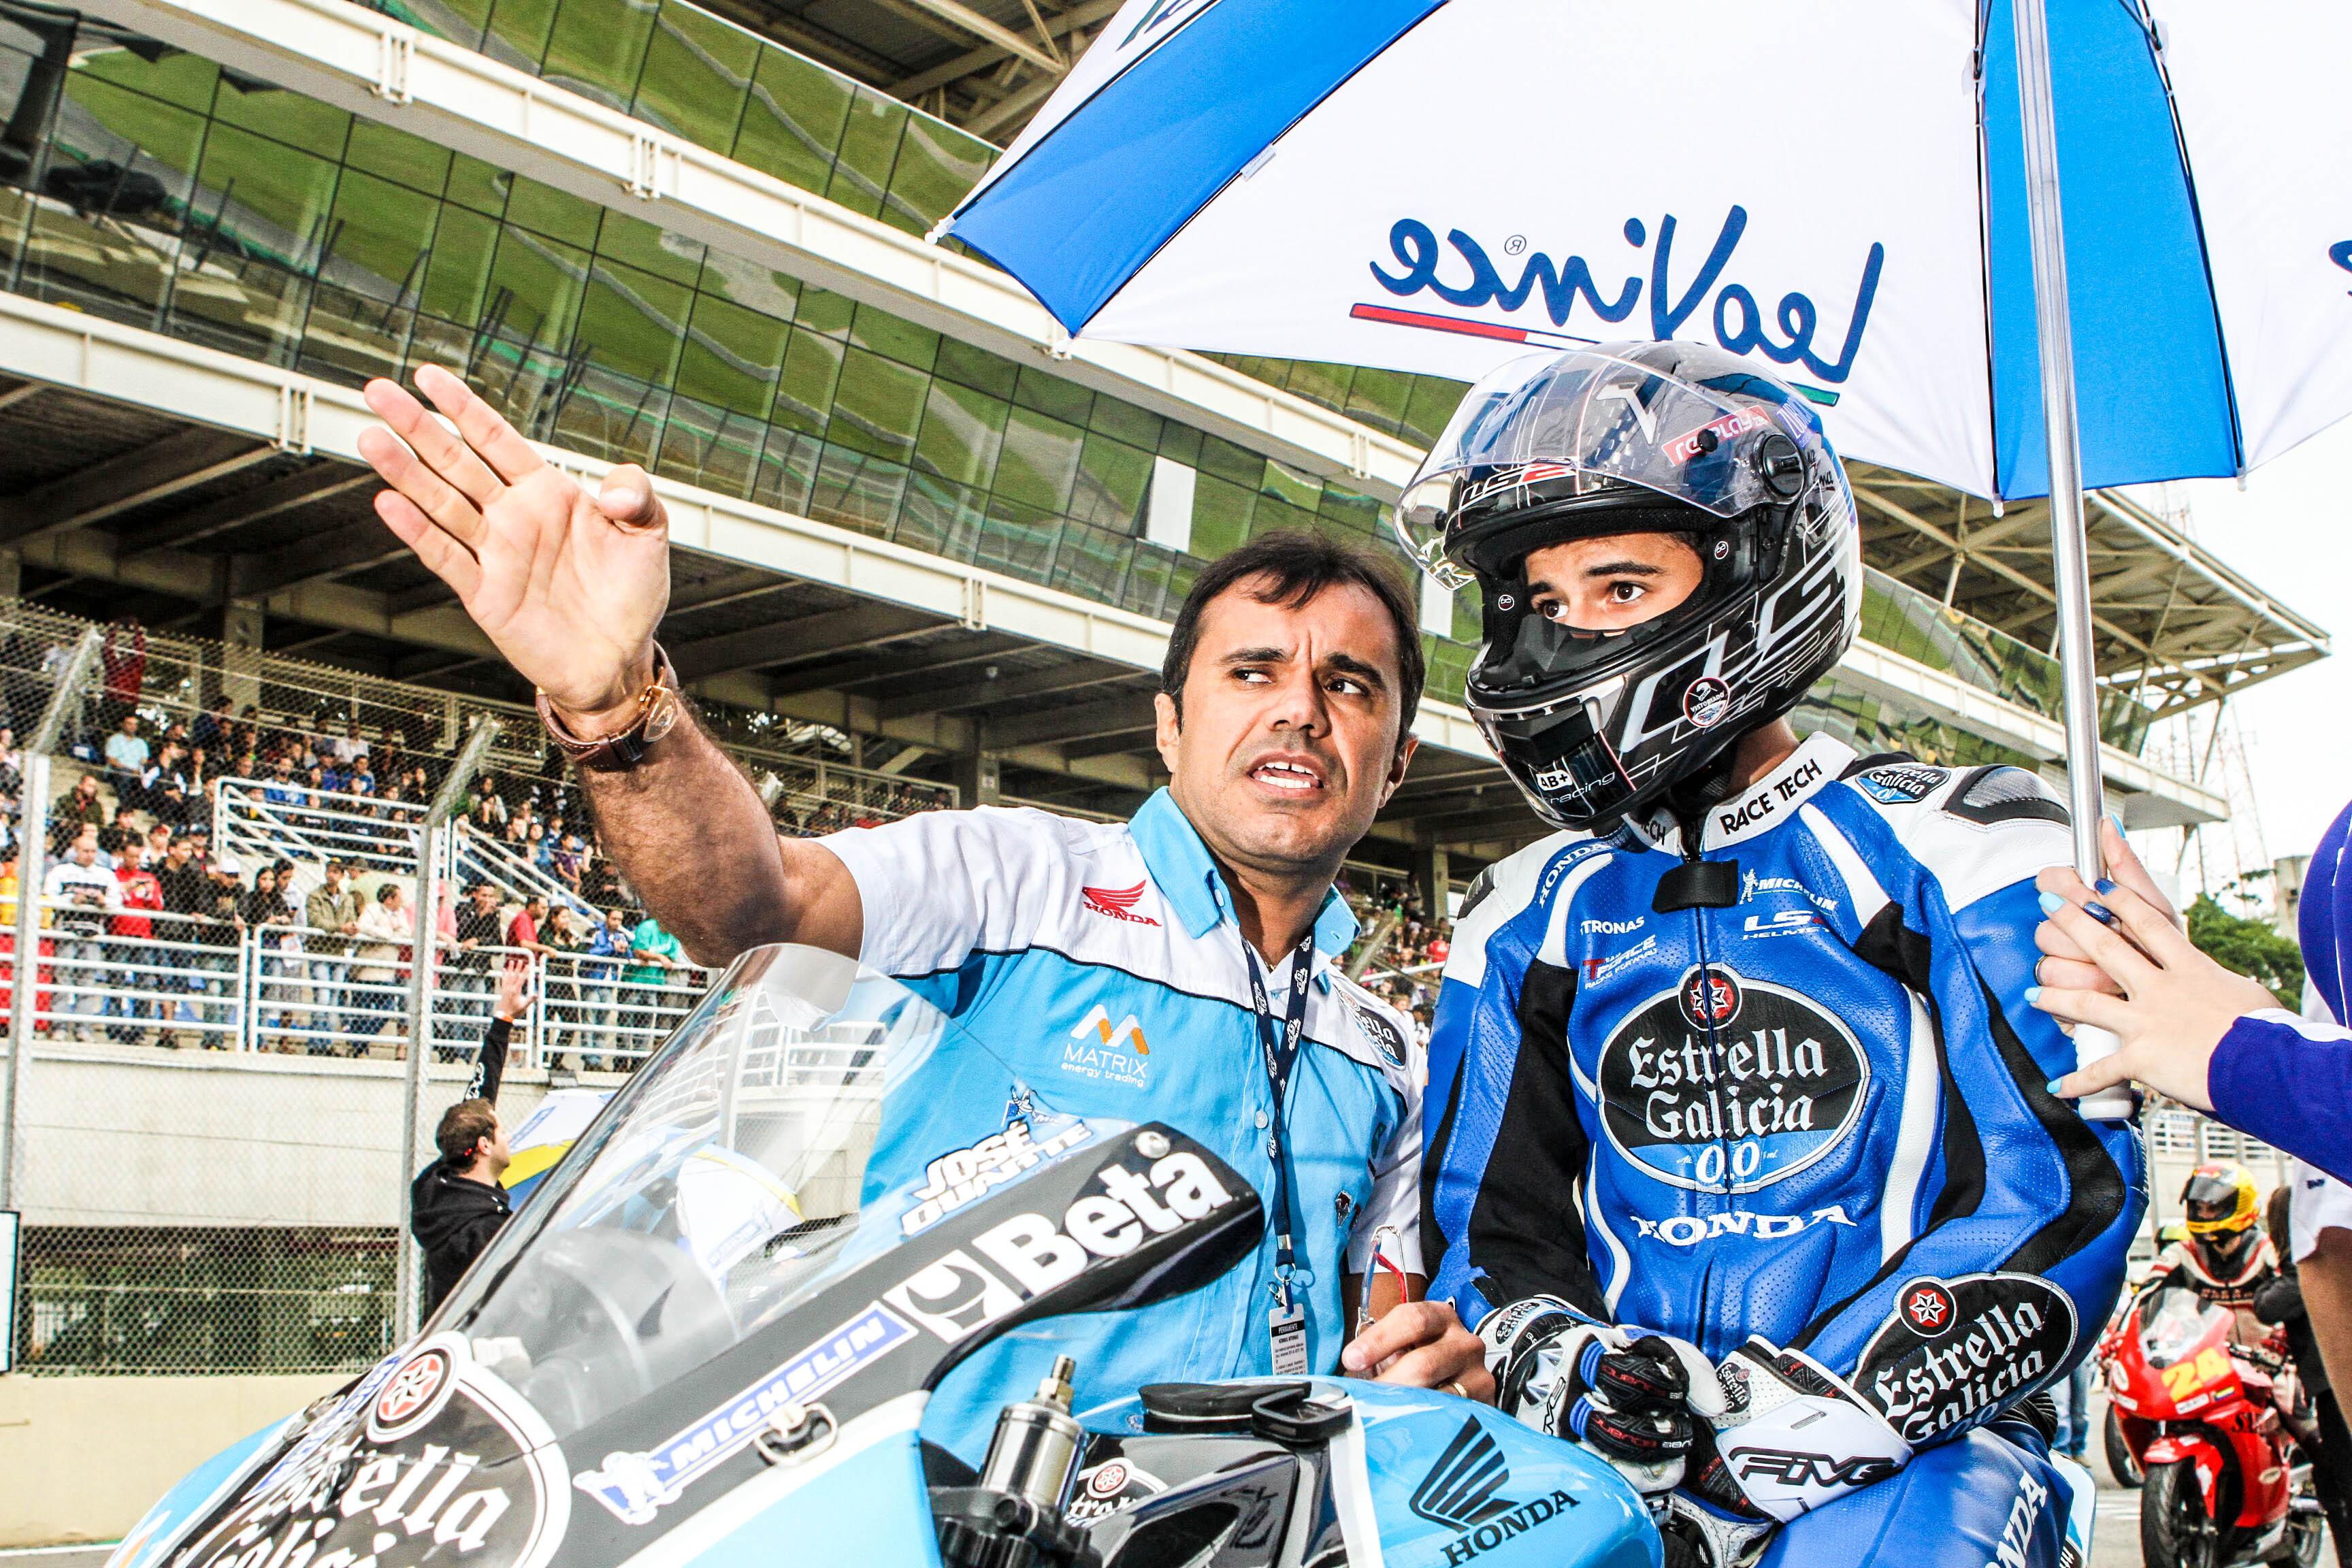 Wagner Duarte (E) passando as instruções para José Duarte (D) antes da largada de mais um Moto GP.